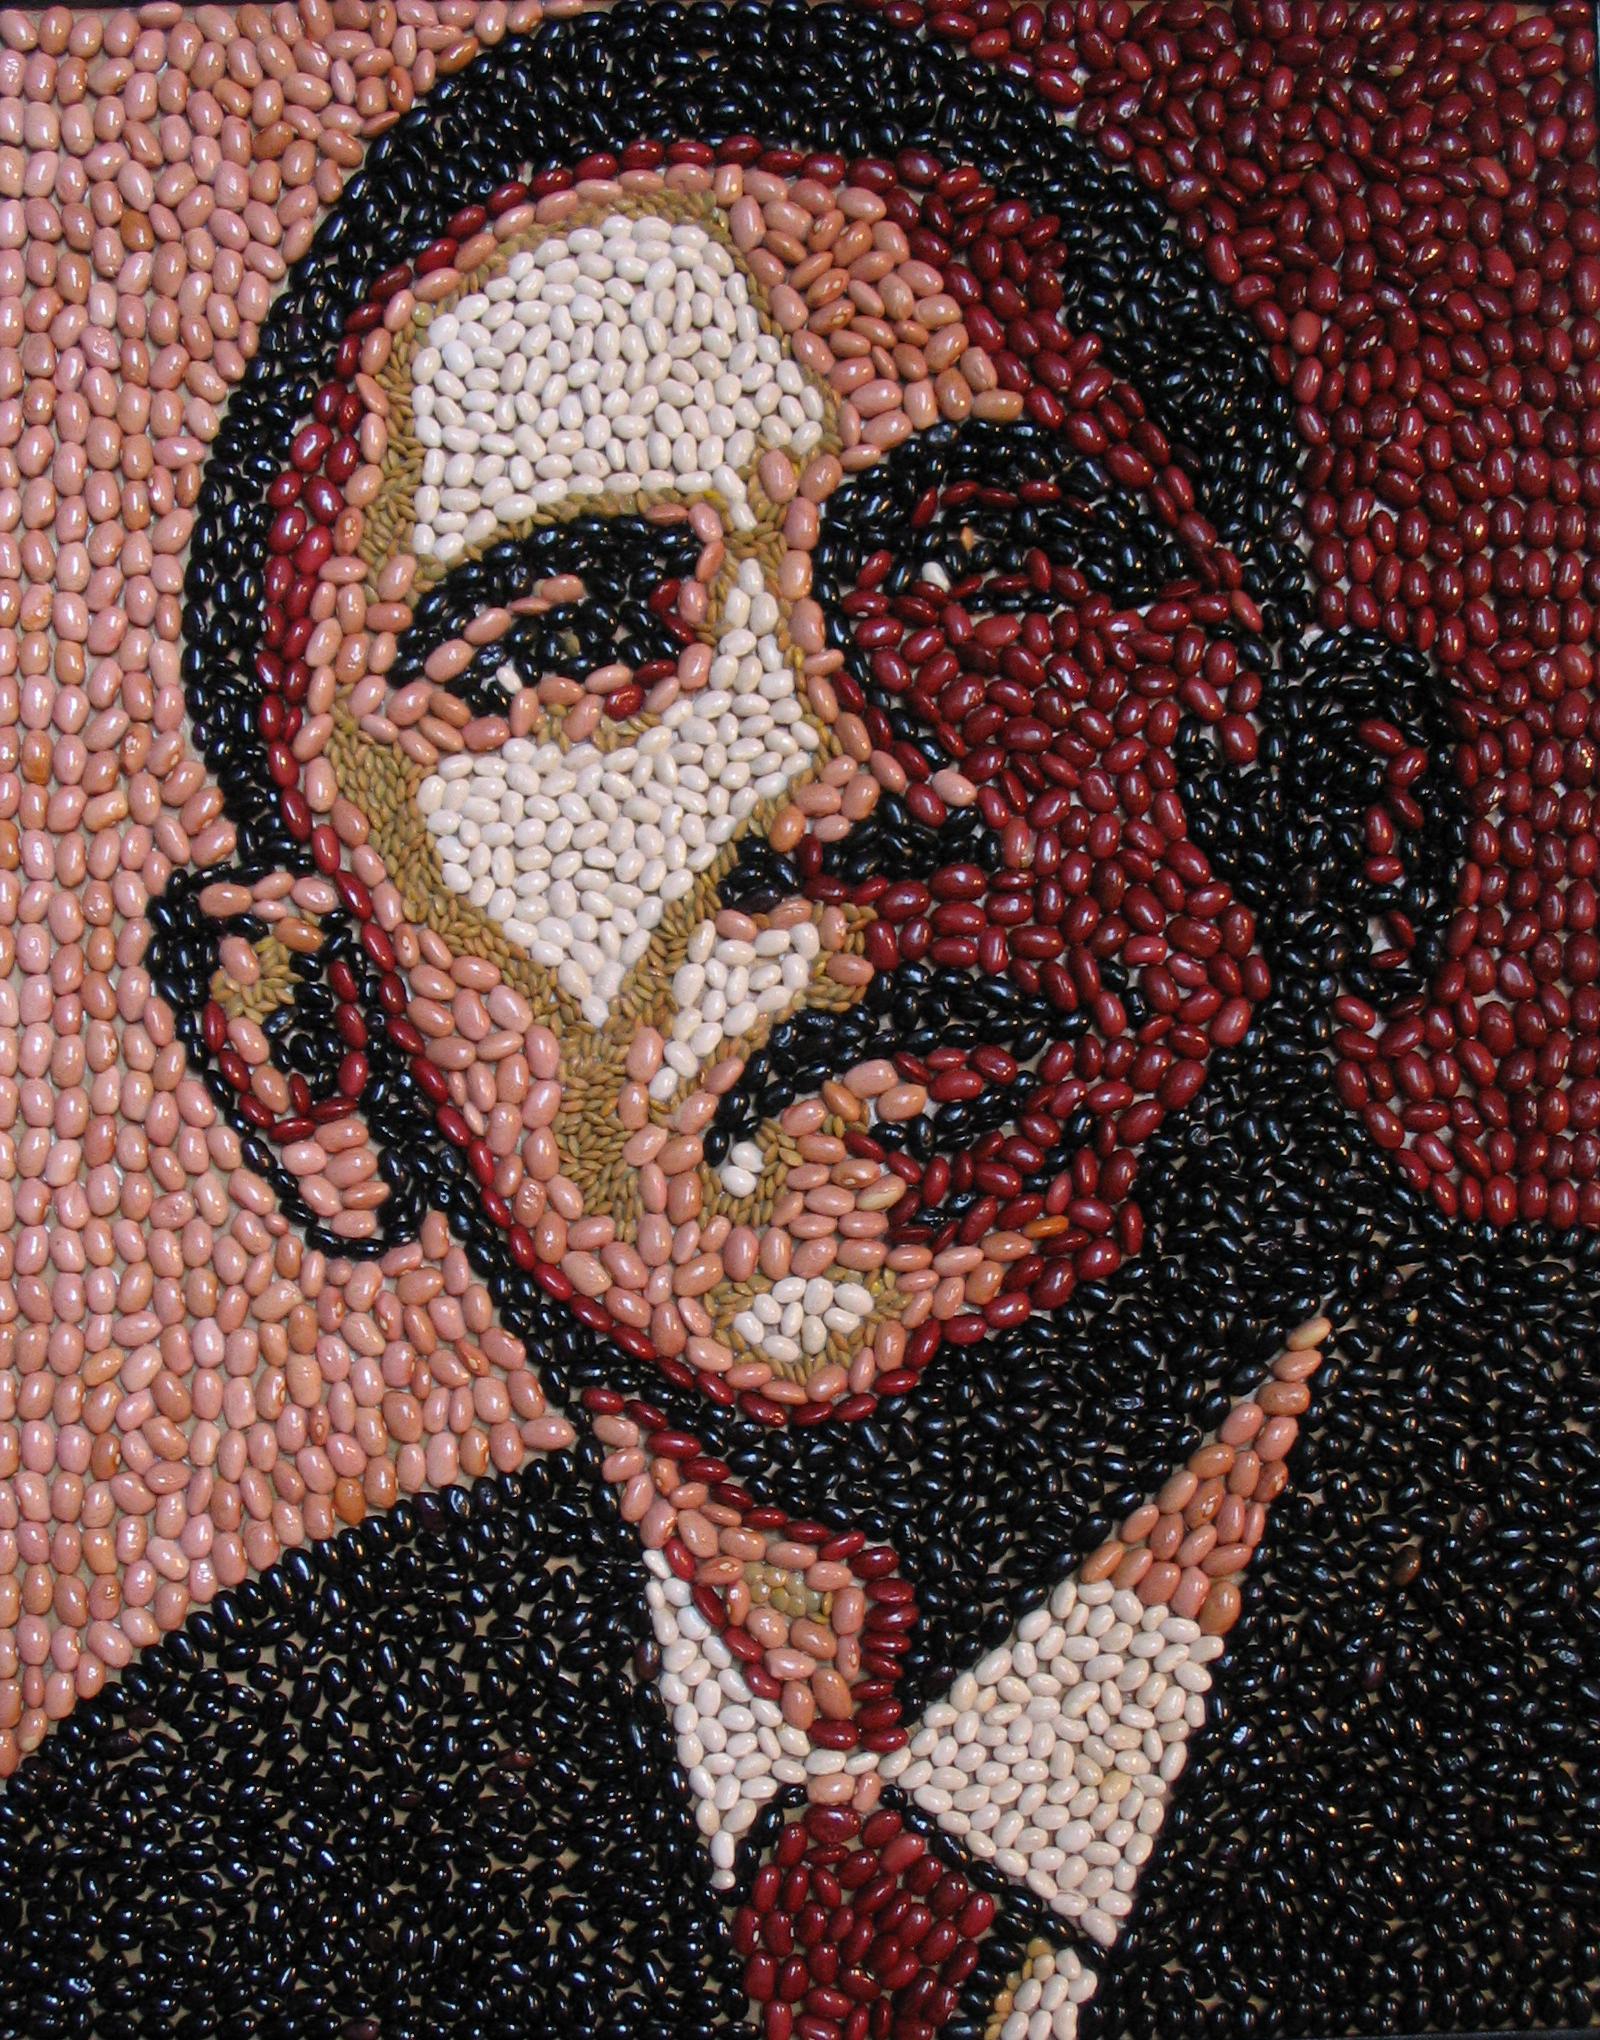 Obama od graha